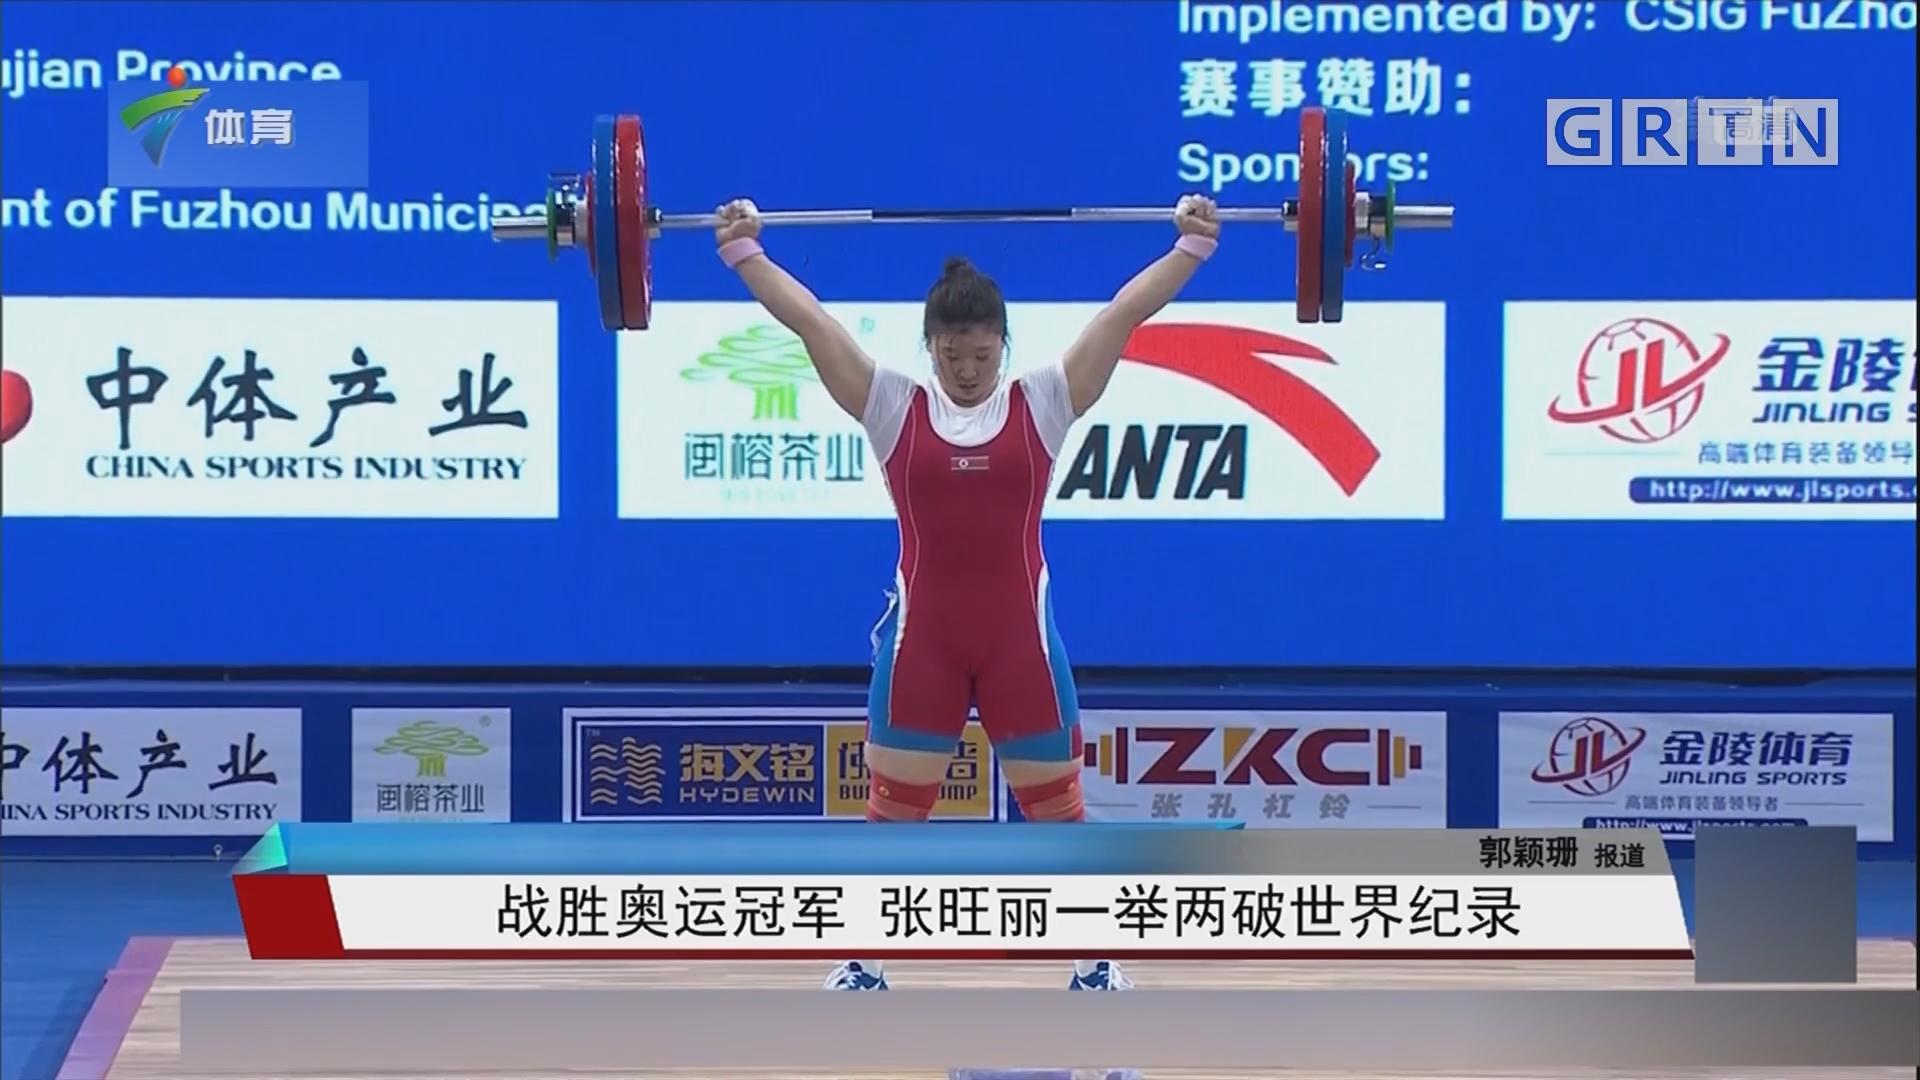 战胜奥运冠军 张旺丽一举两破世界纪录